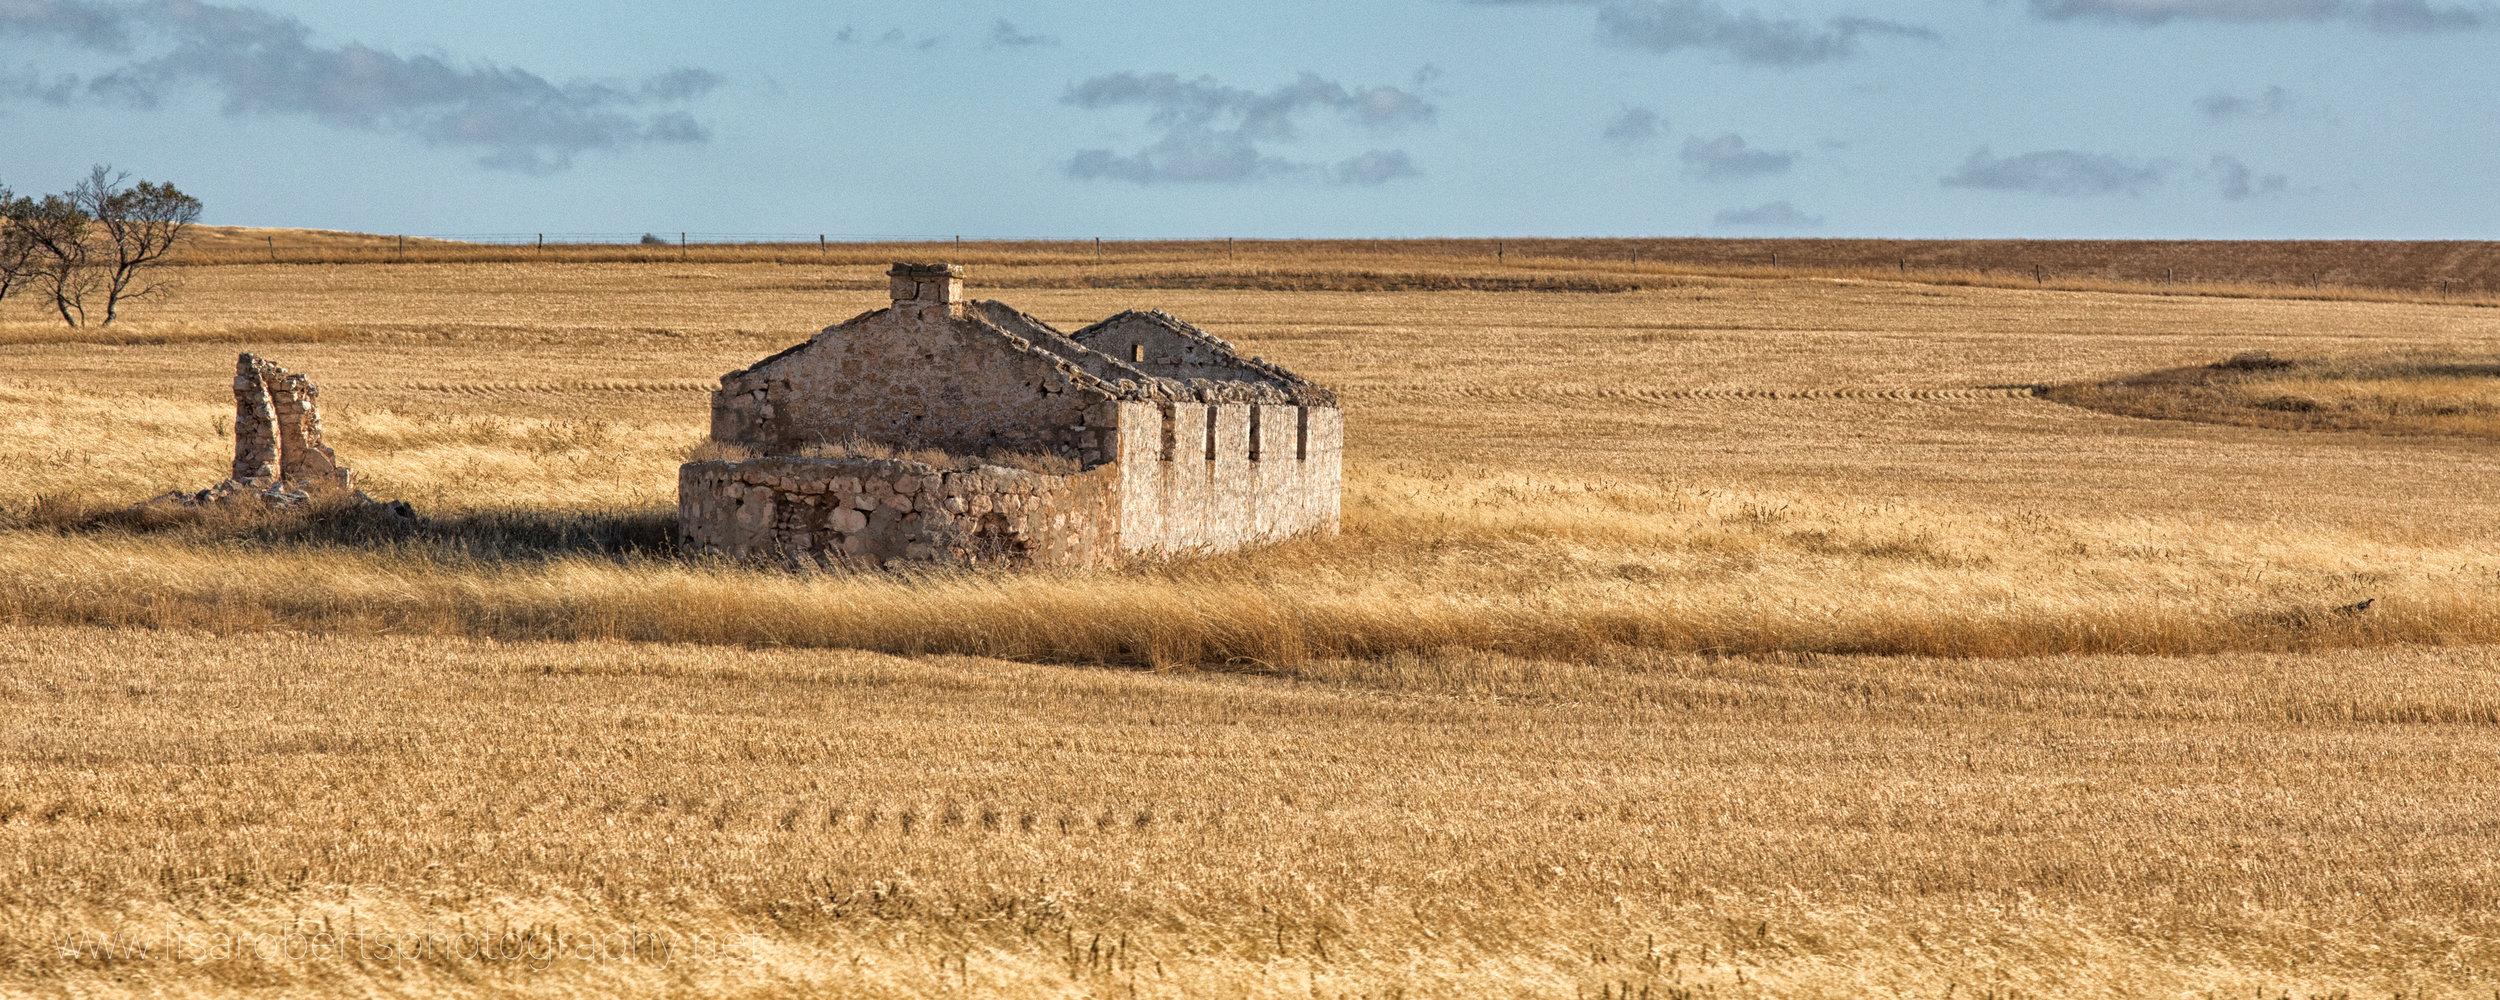 Stone hut, South Australia